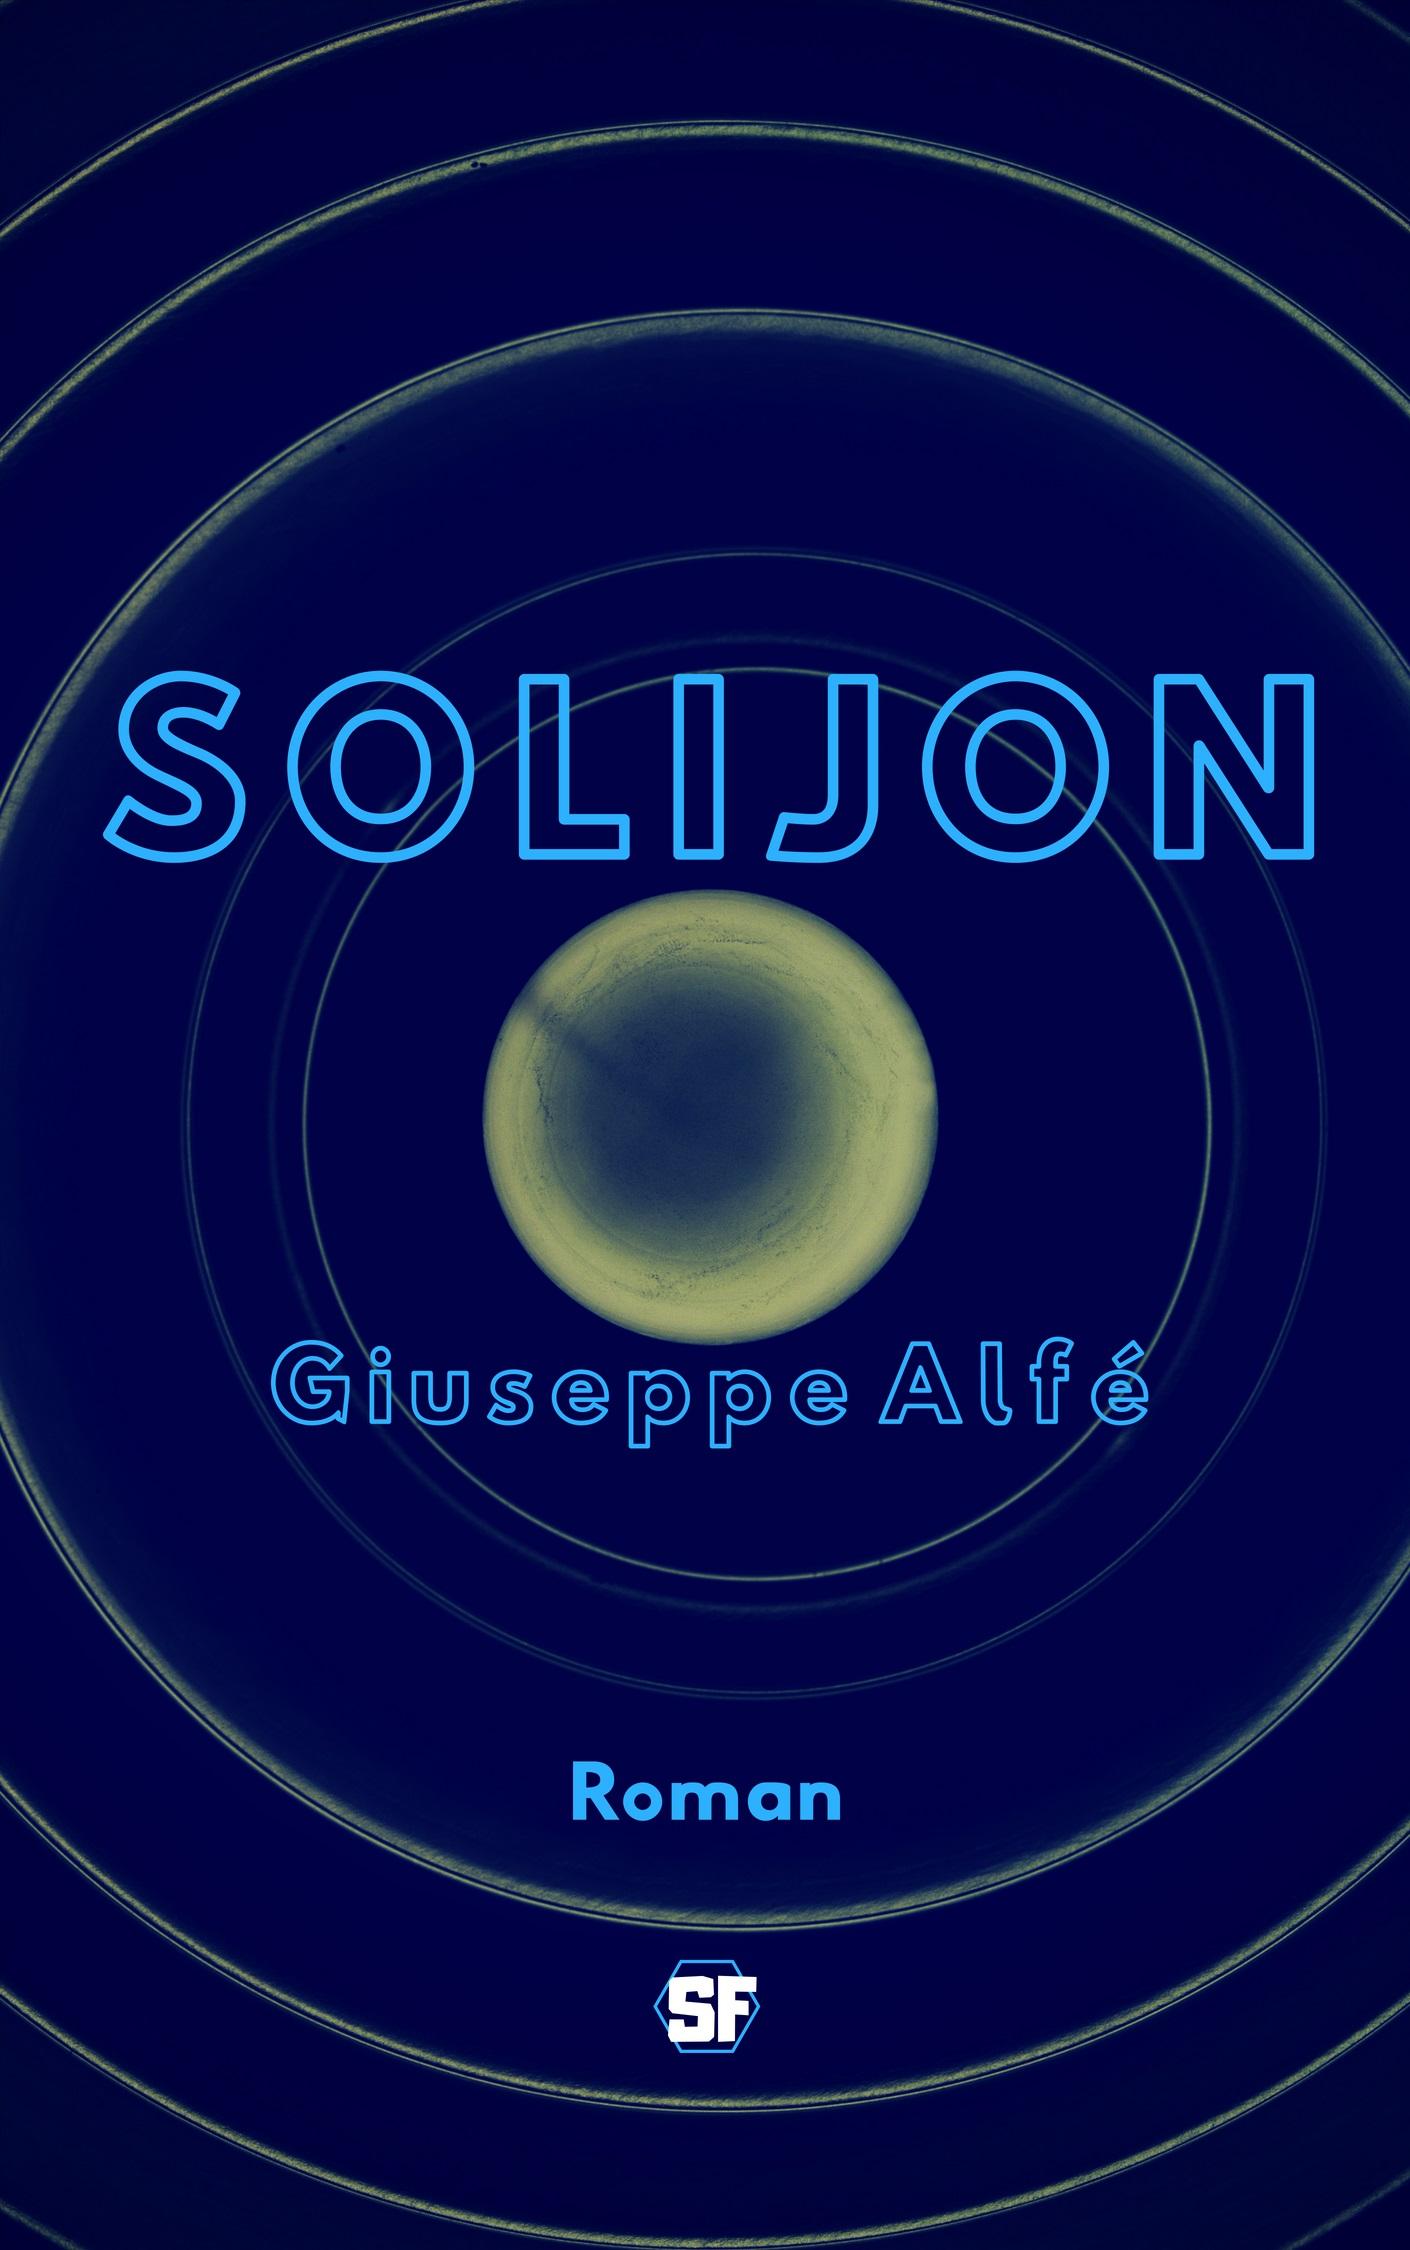 new-line-sol-blue-variant.jpg